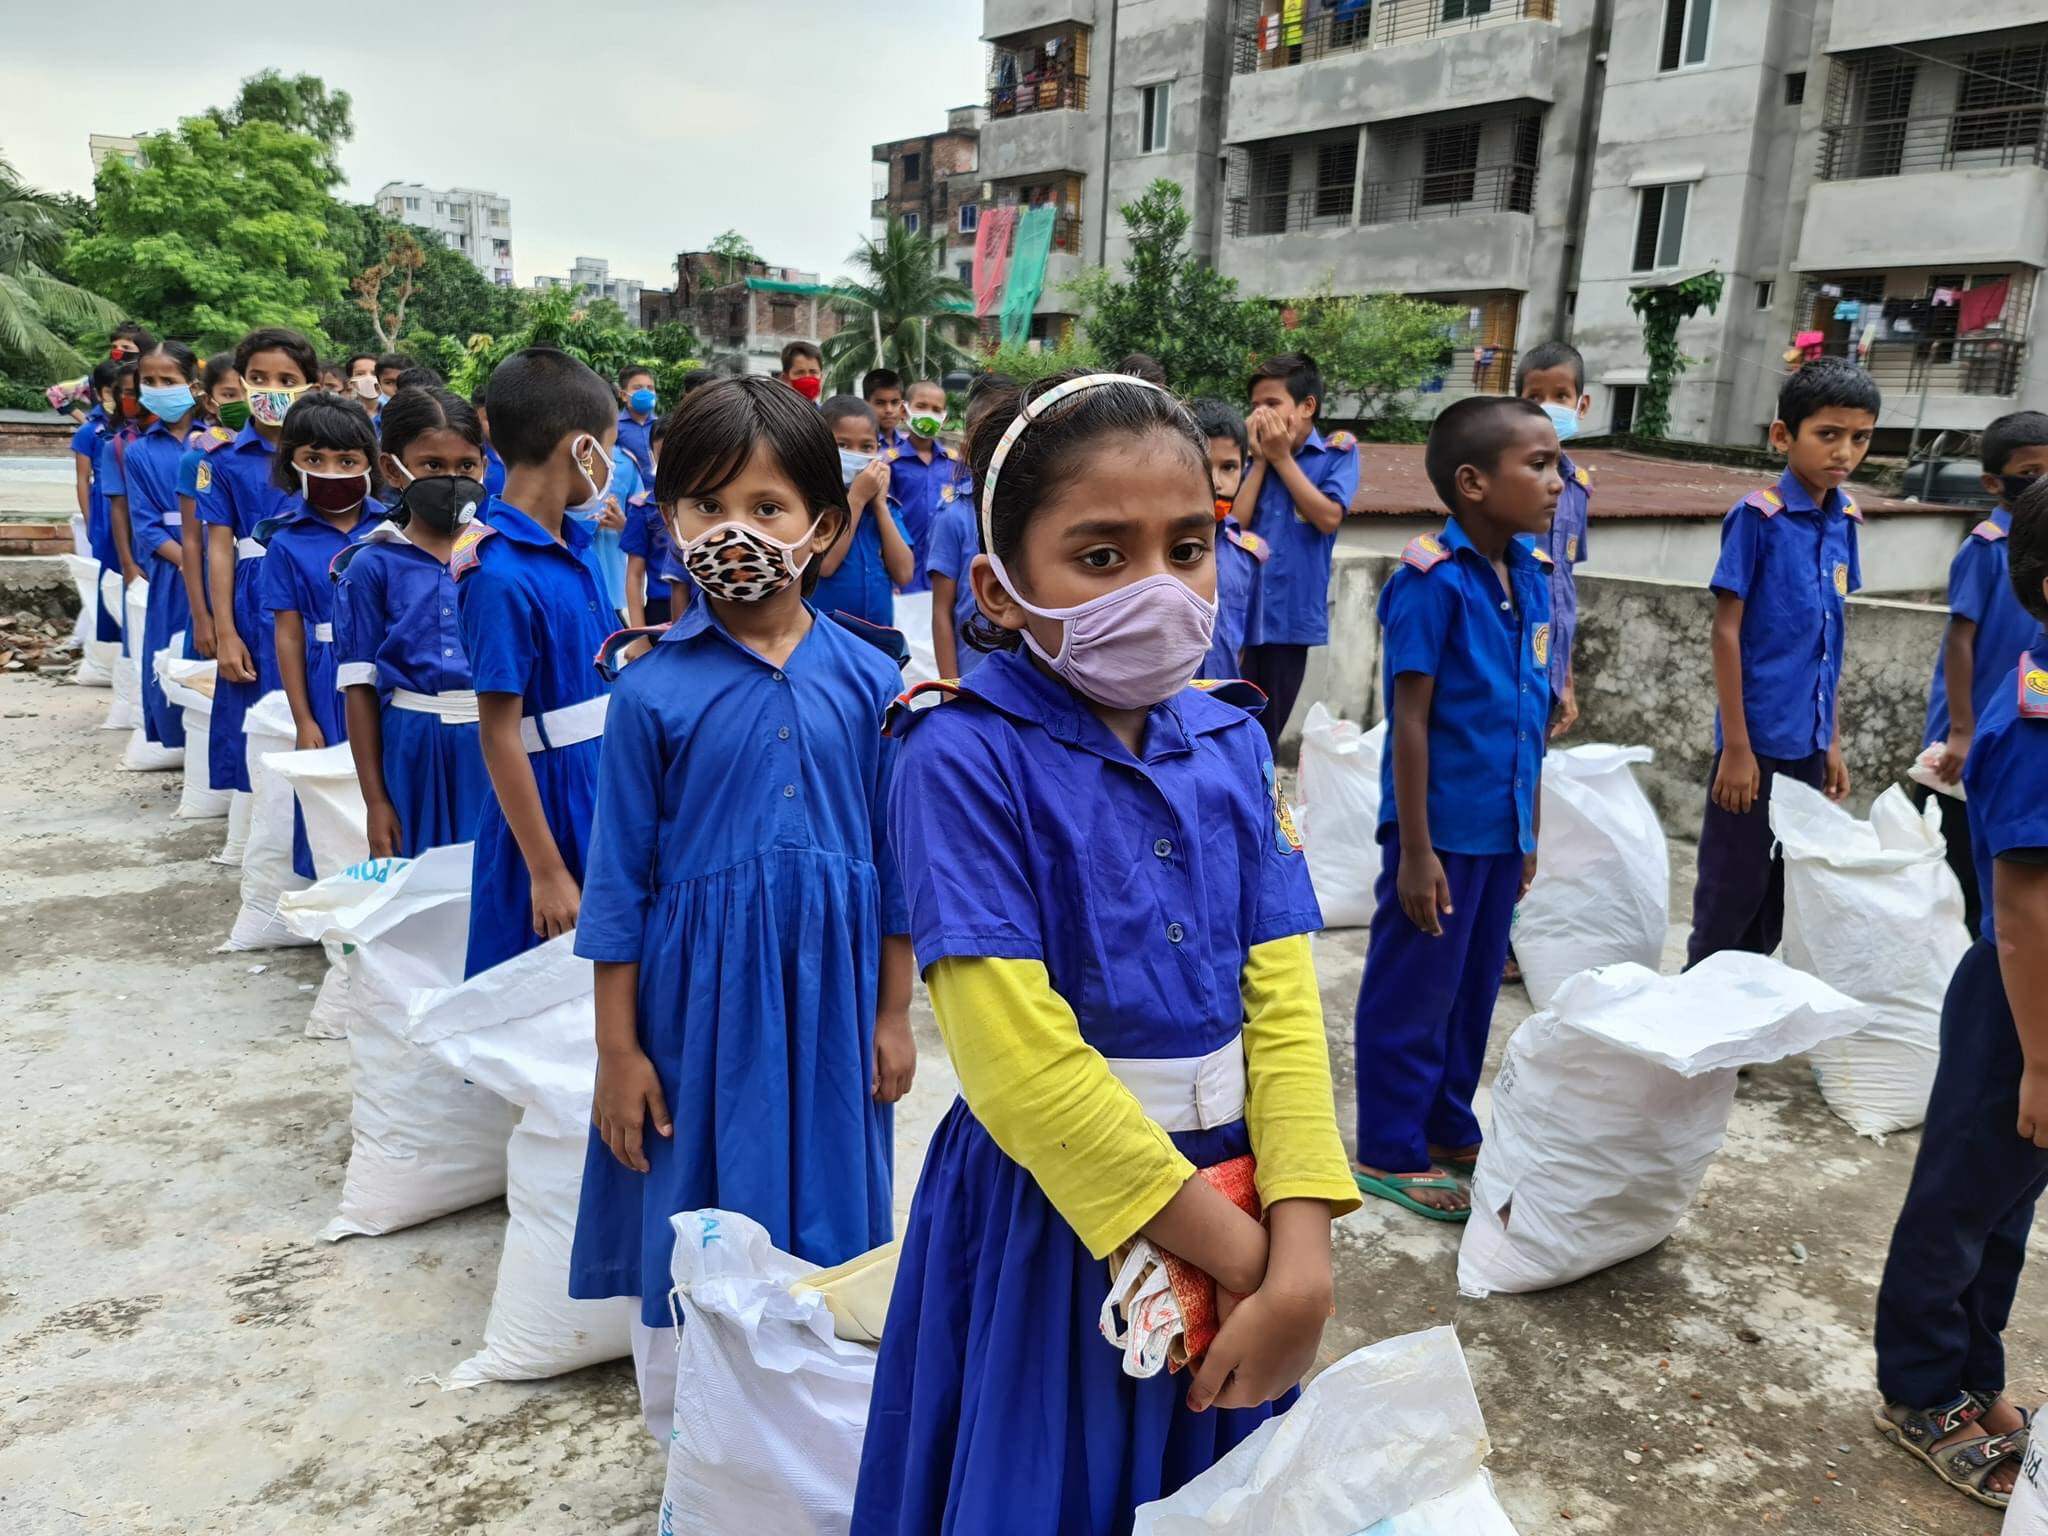 Azdani: Children receiving food